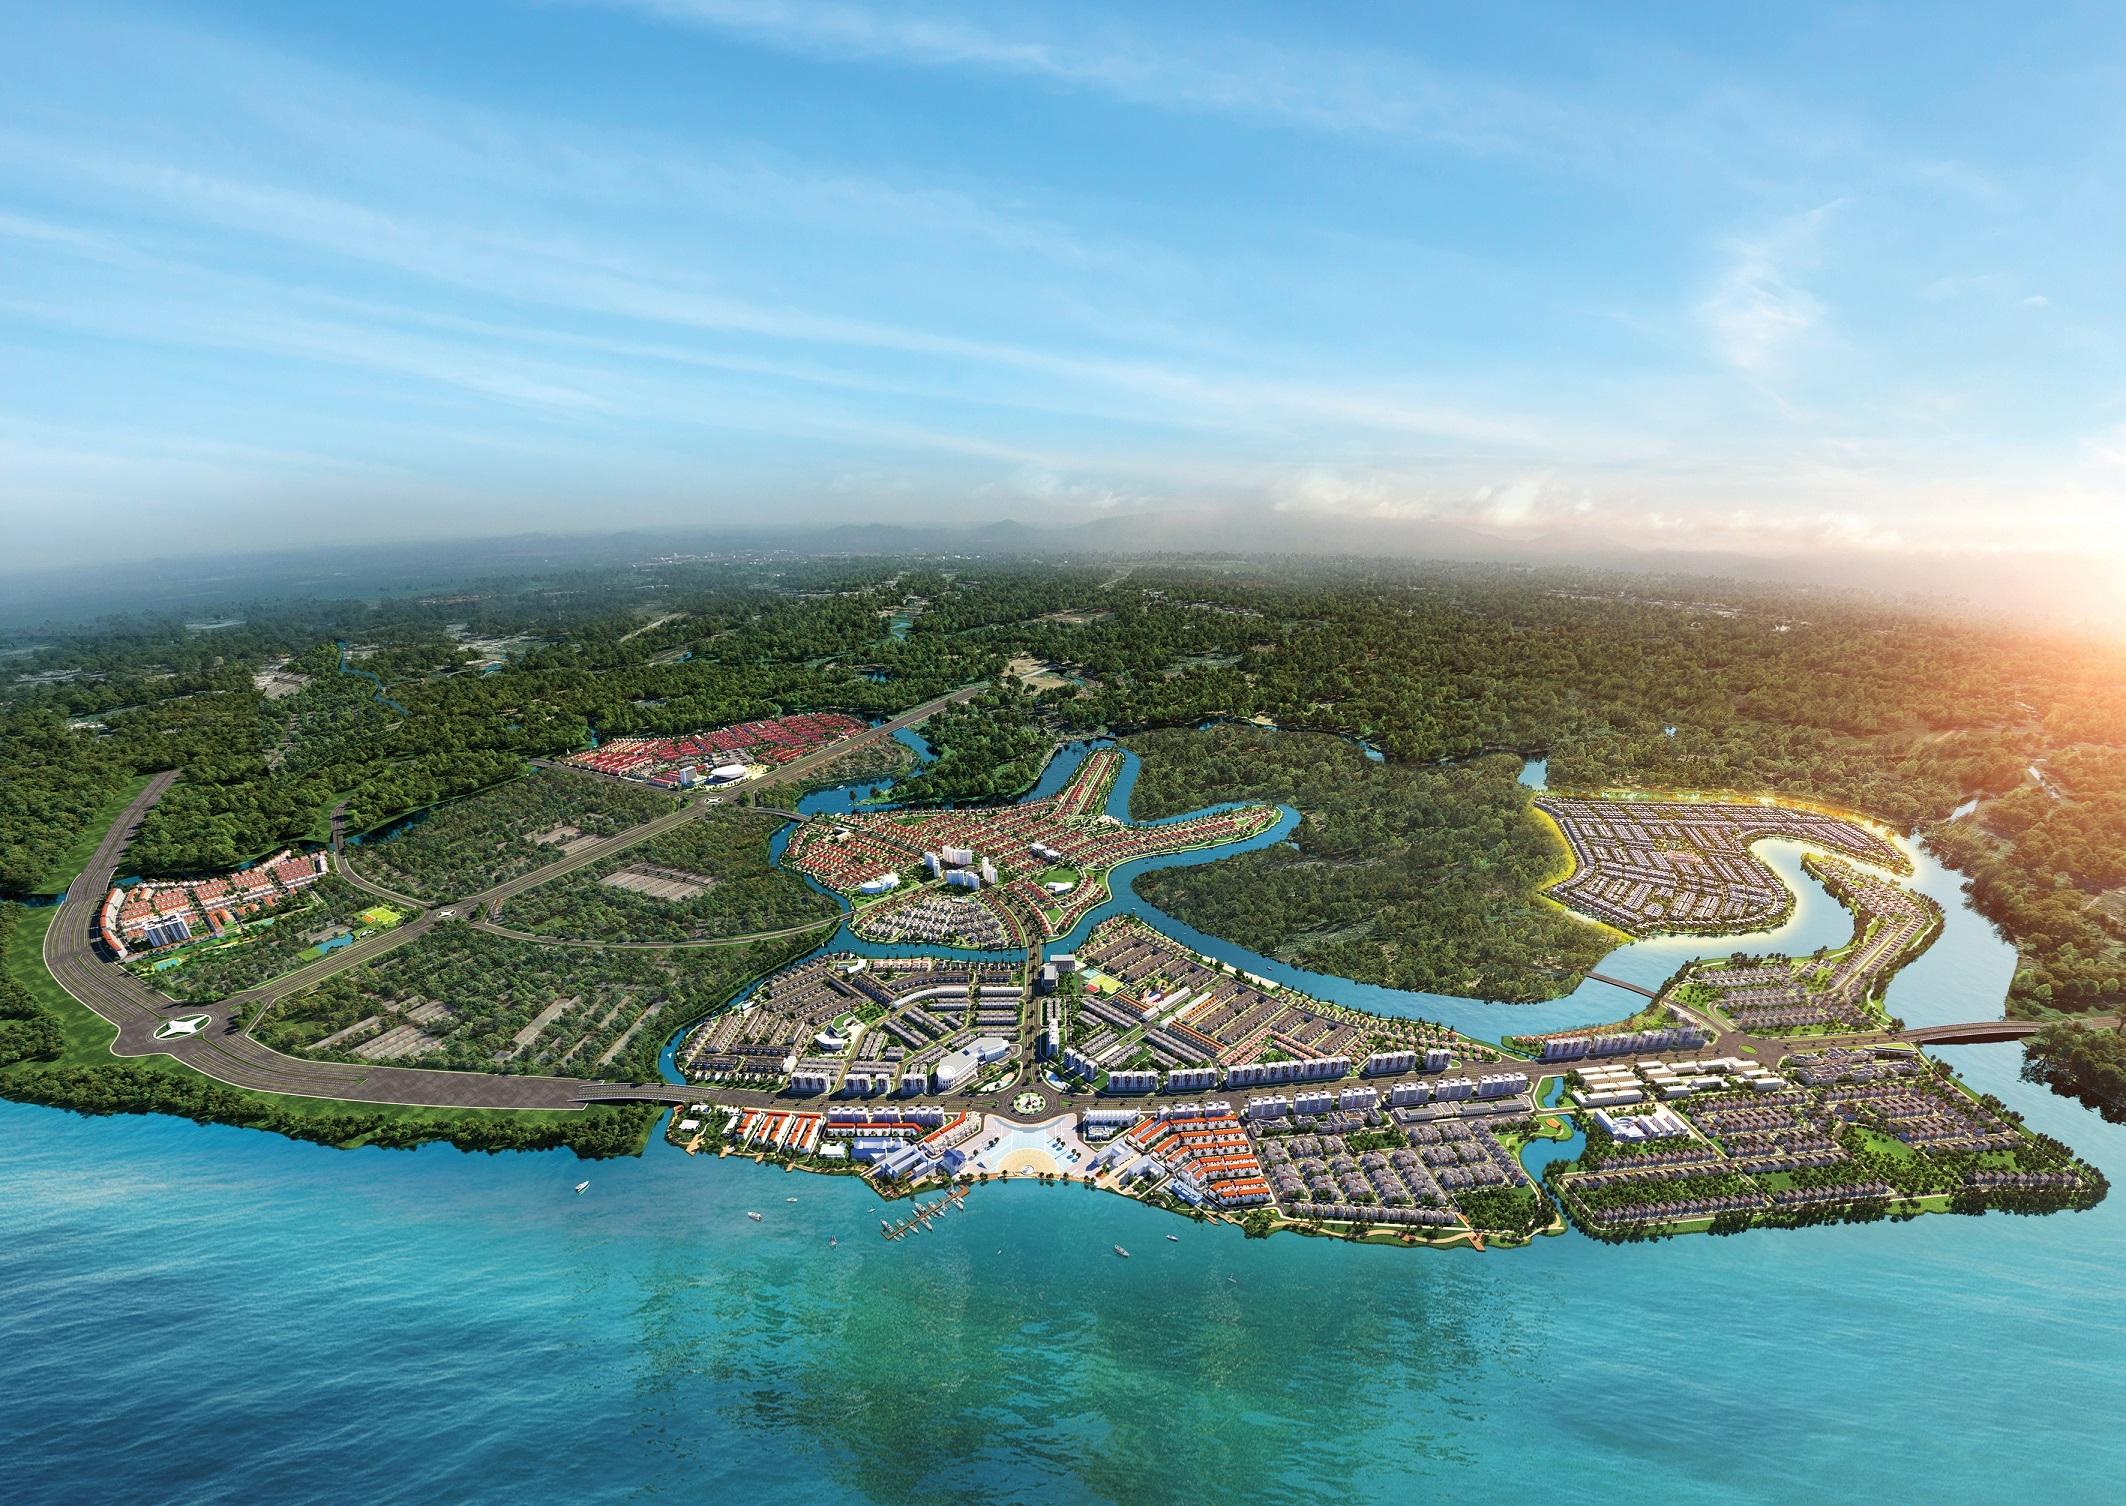 Thừa hưởng lợi thế thiên nhiên hiếm có ba mặt giáp sông, Aqua City được quy hoạch bài bản theo mô hình sinh thái cùng chuỗi tiện ích đẳng cấp